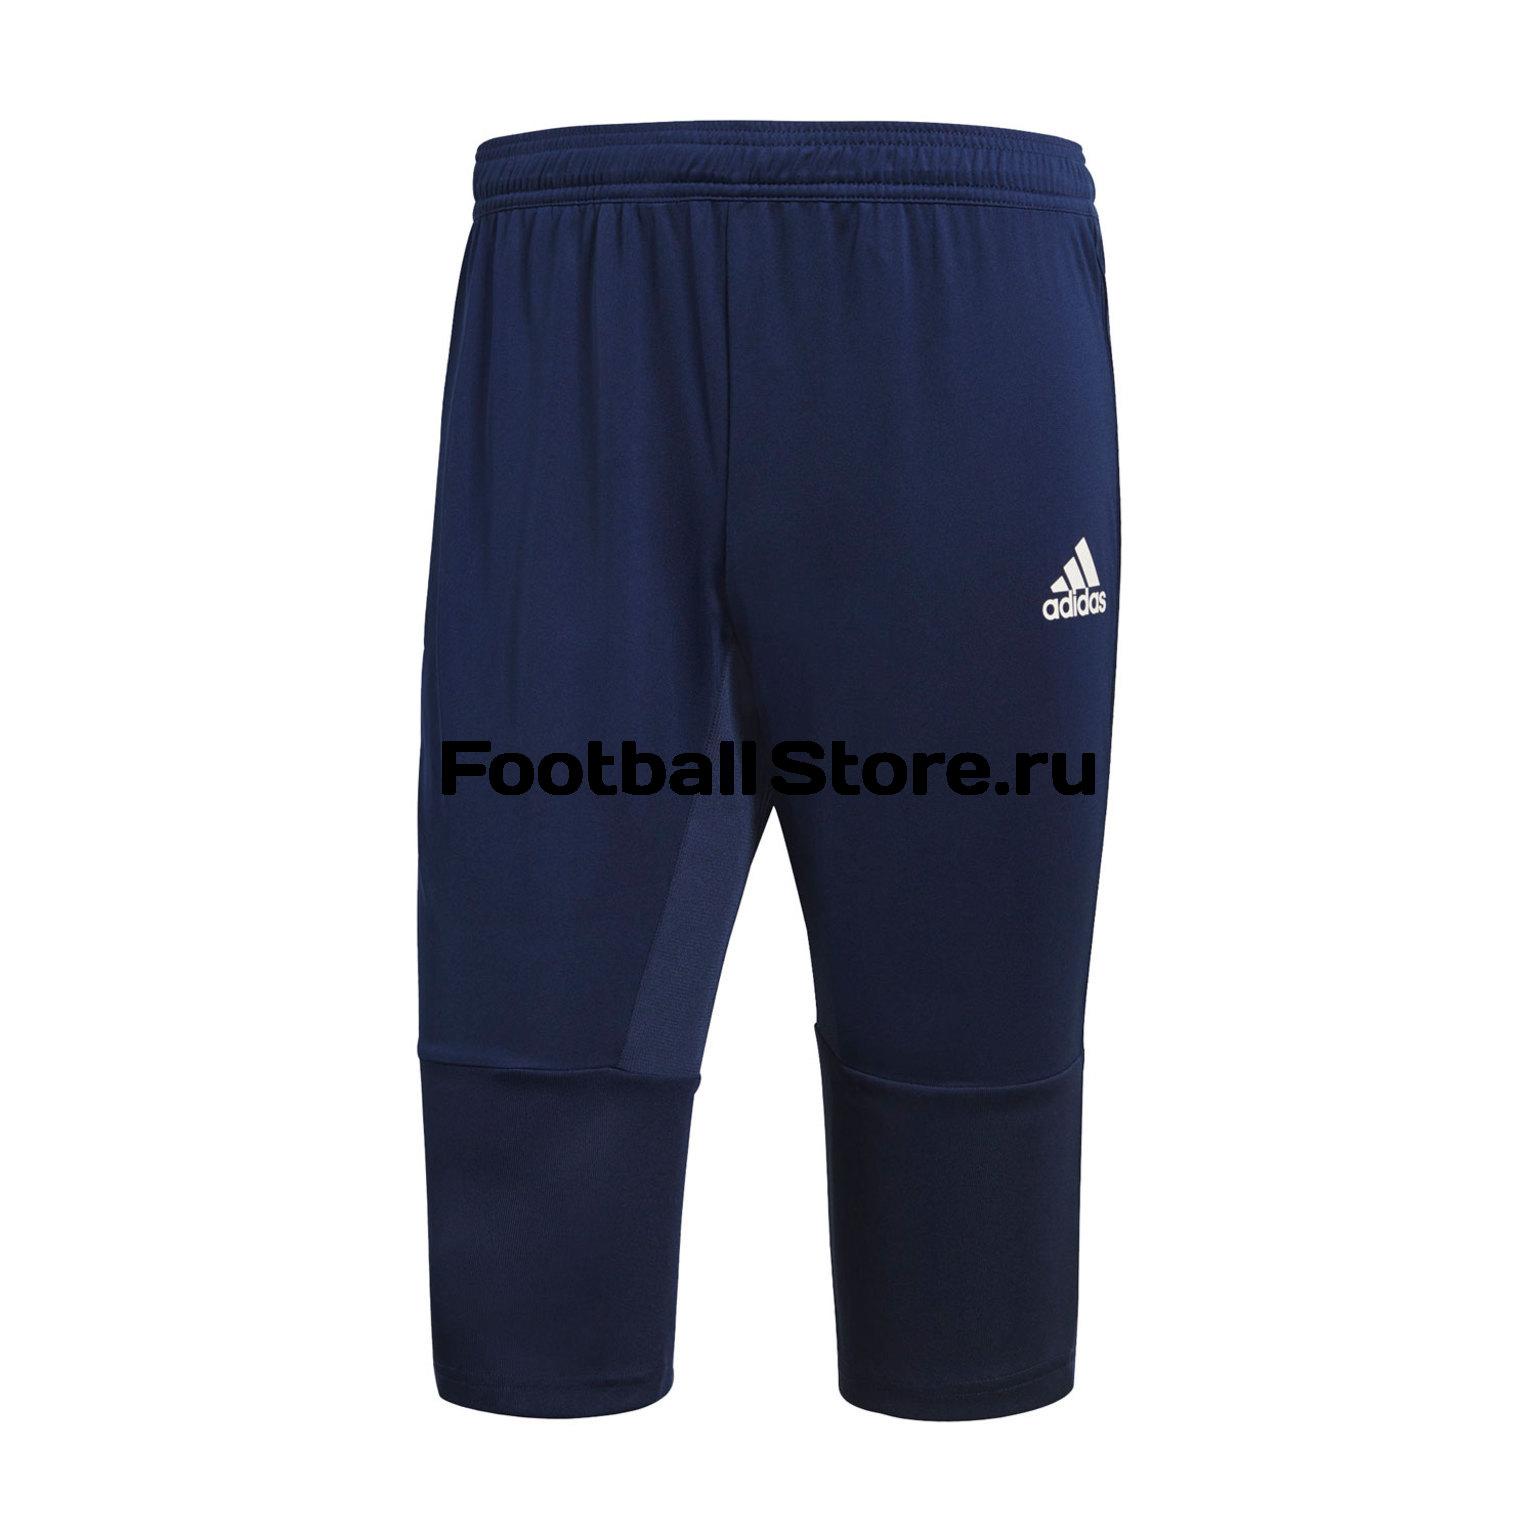 Бриджи тренировочные Adidas Con18 3/4 PNT CV8240 бриджи тренировочные adidas con18 3 4 pnt cf4384